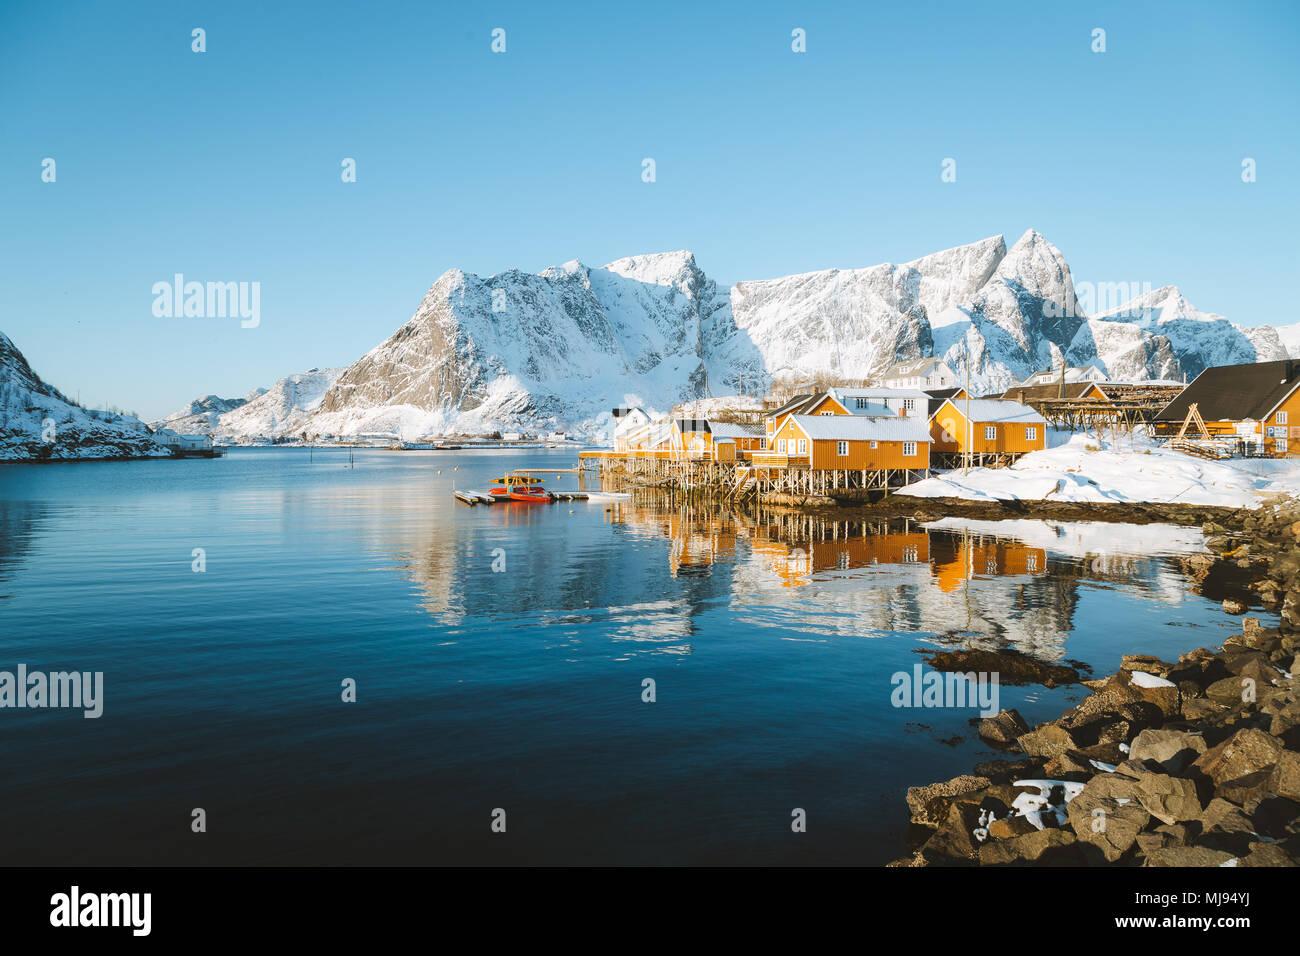 Beaux paysages d'hiver dans l'archipel des îles Lofoten avec pêcheur traditionnel jaune Rorbuer cabines dans le village historique de Sakrisoy, Norvège Banque D'Images